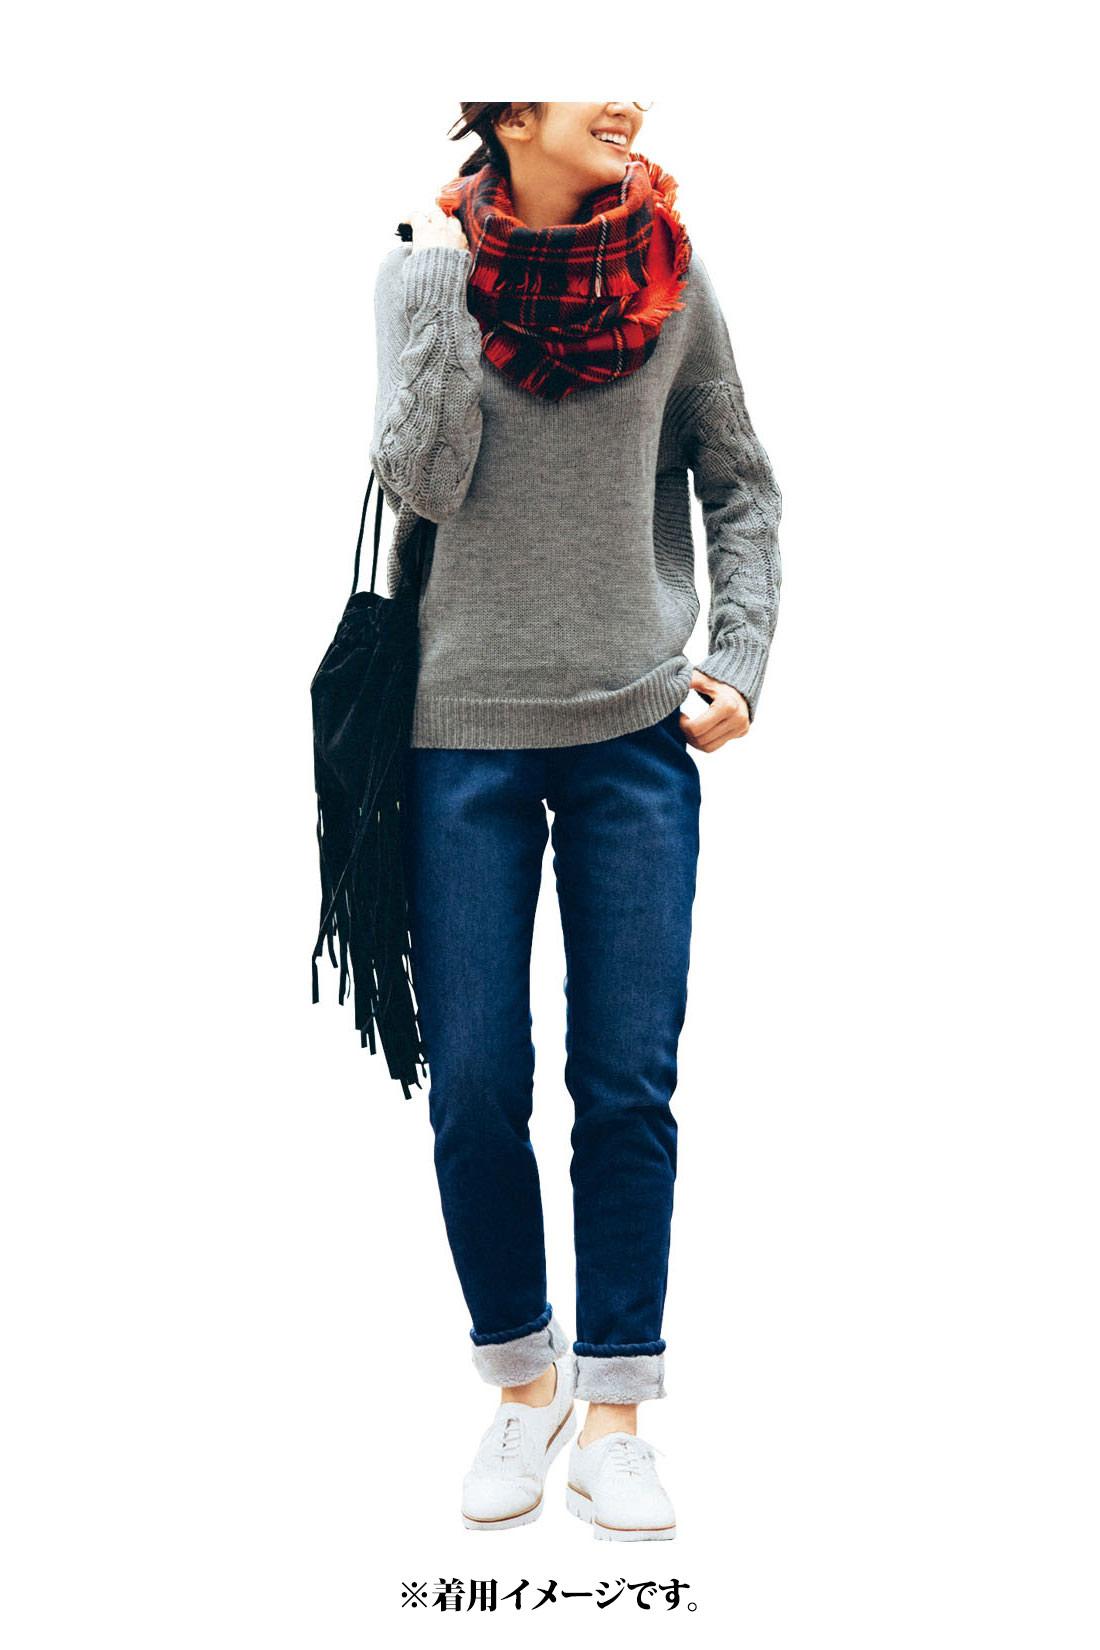 どんなコーデにも合わせやすい【杢グレイ】 一枚でも着やすいほどよい開きのネック。